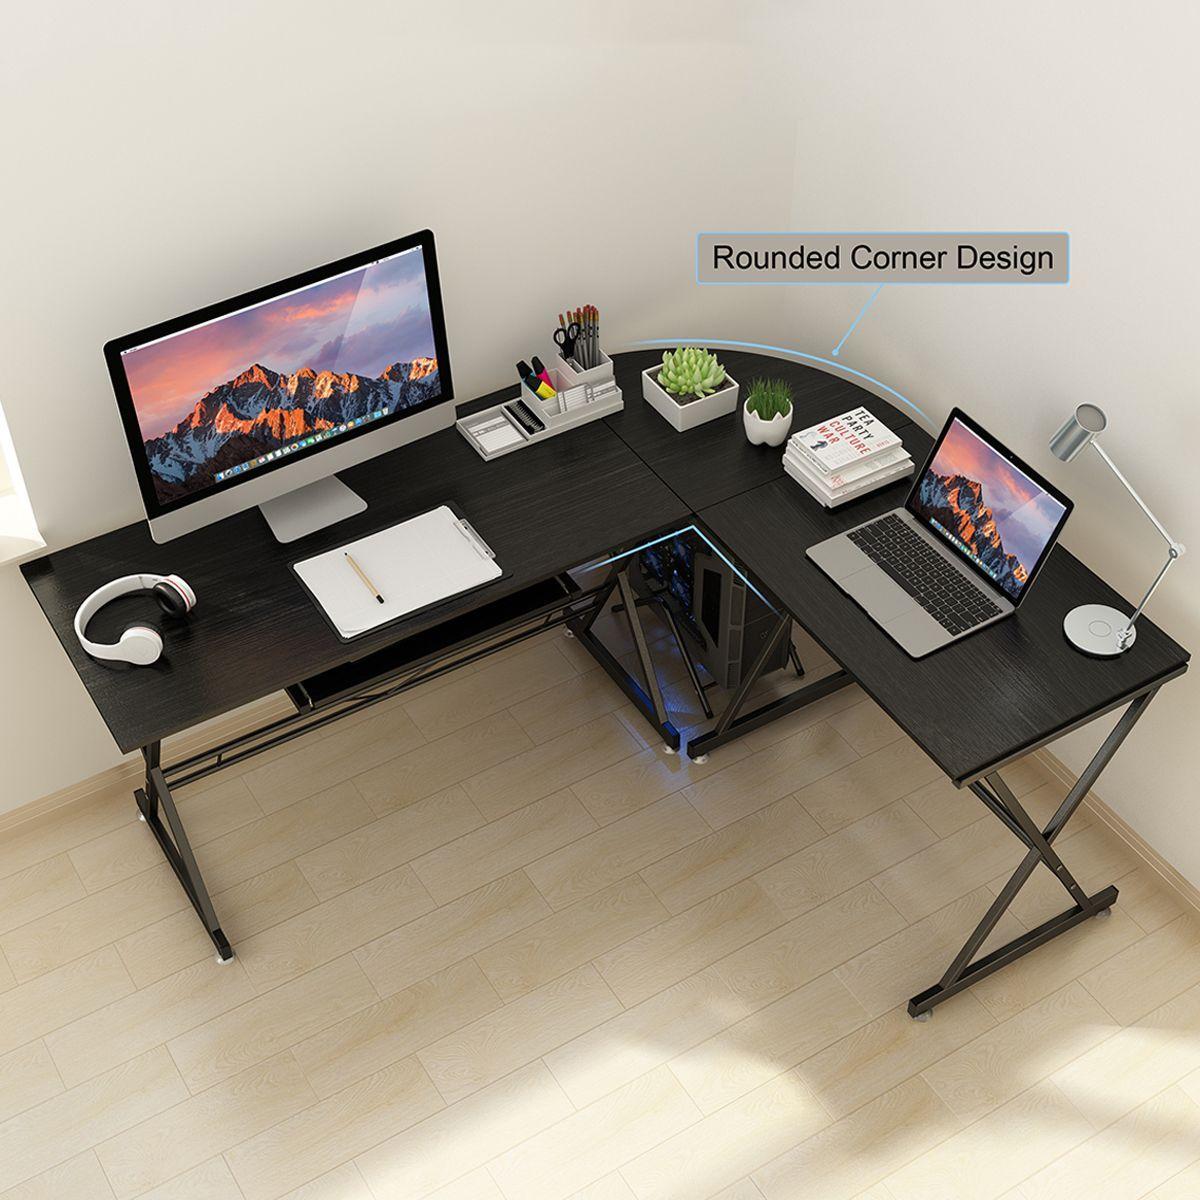 Gaming Desks Large Ergonomic Gaming Desk Computer Desk L Shaped Corner Computer Desk Pc Gaming Table Laptop Study In 2020 Pc Gaming Table Corner Computer Desk Pc Desk